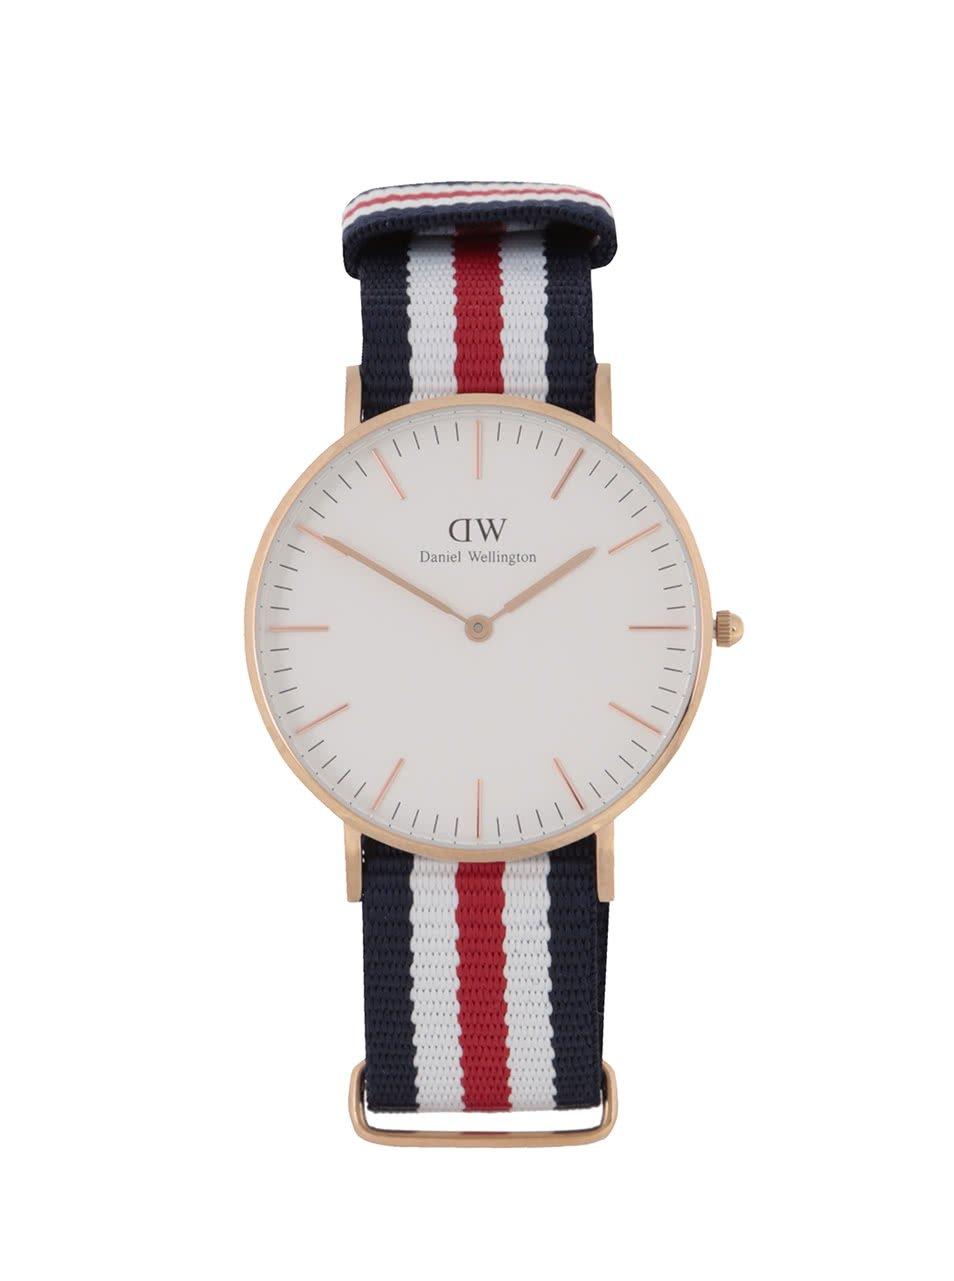 Dámské hodinky ve zlaté barvě s červeno-bílo-modrým textilním páskem CLASSIC Cantebury Daniel Wellington